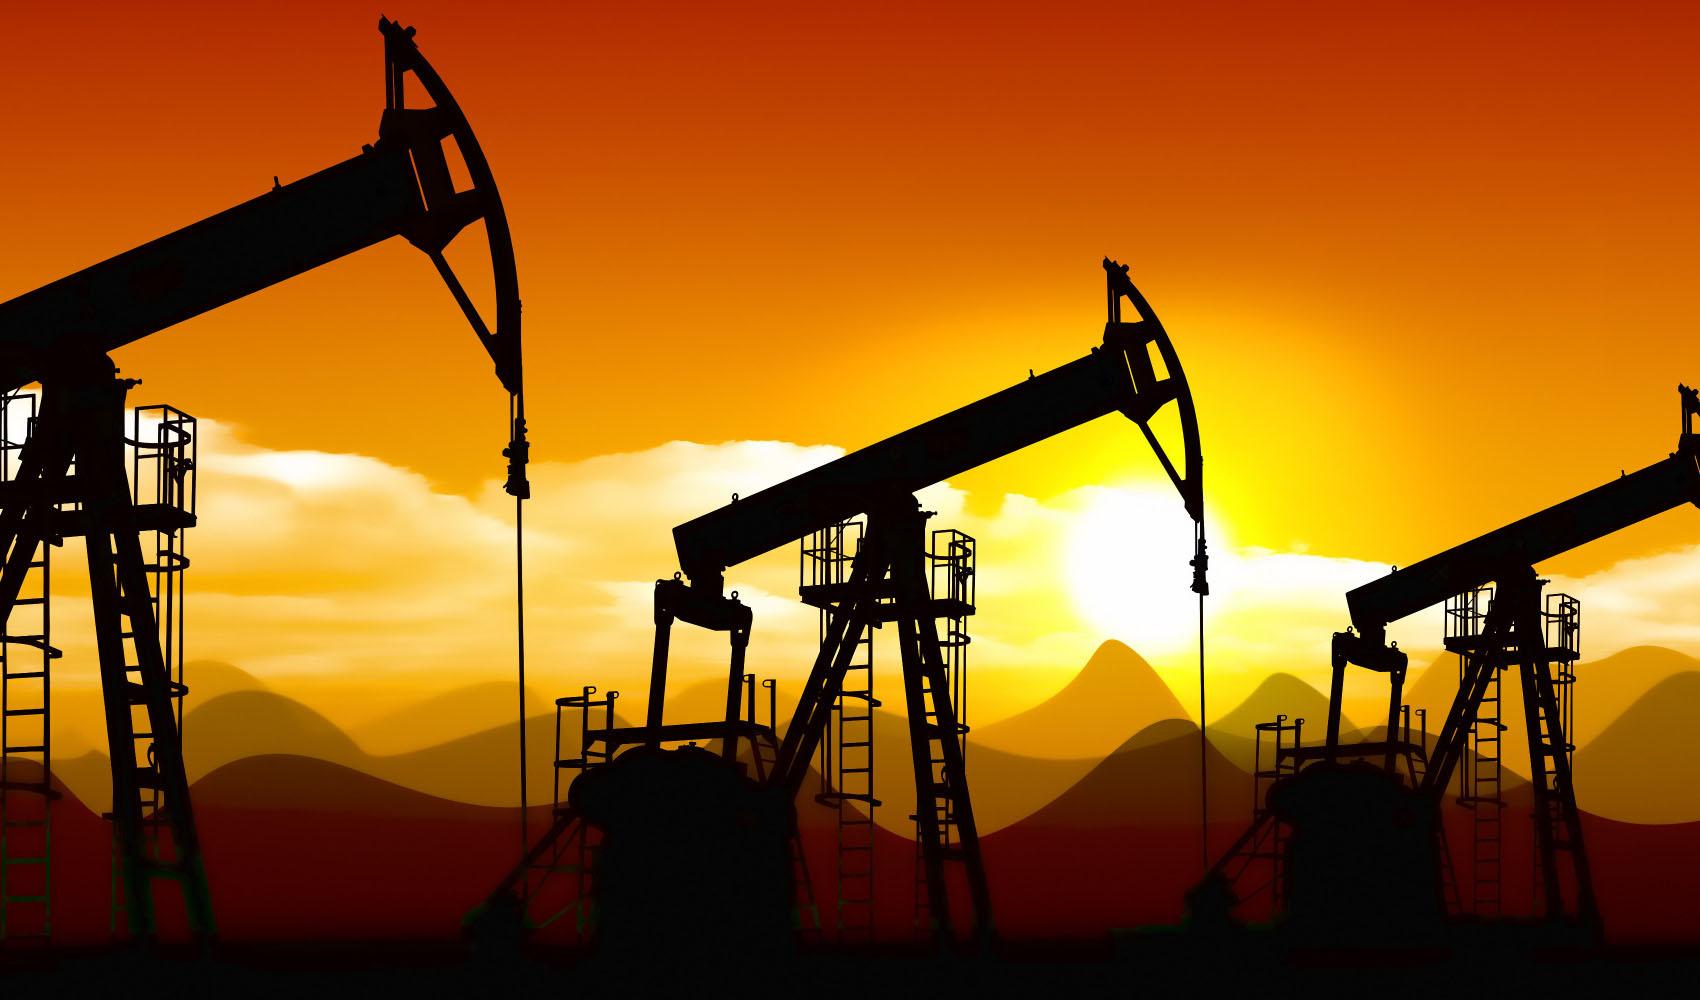 روسیه موافق افزایش تولید نفت اوپک پلاس است